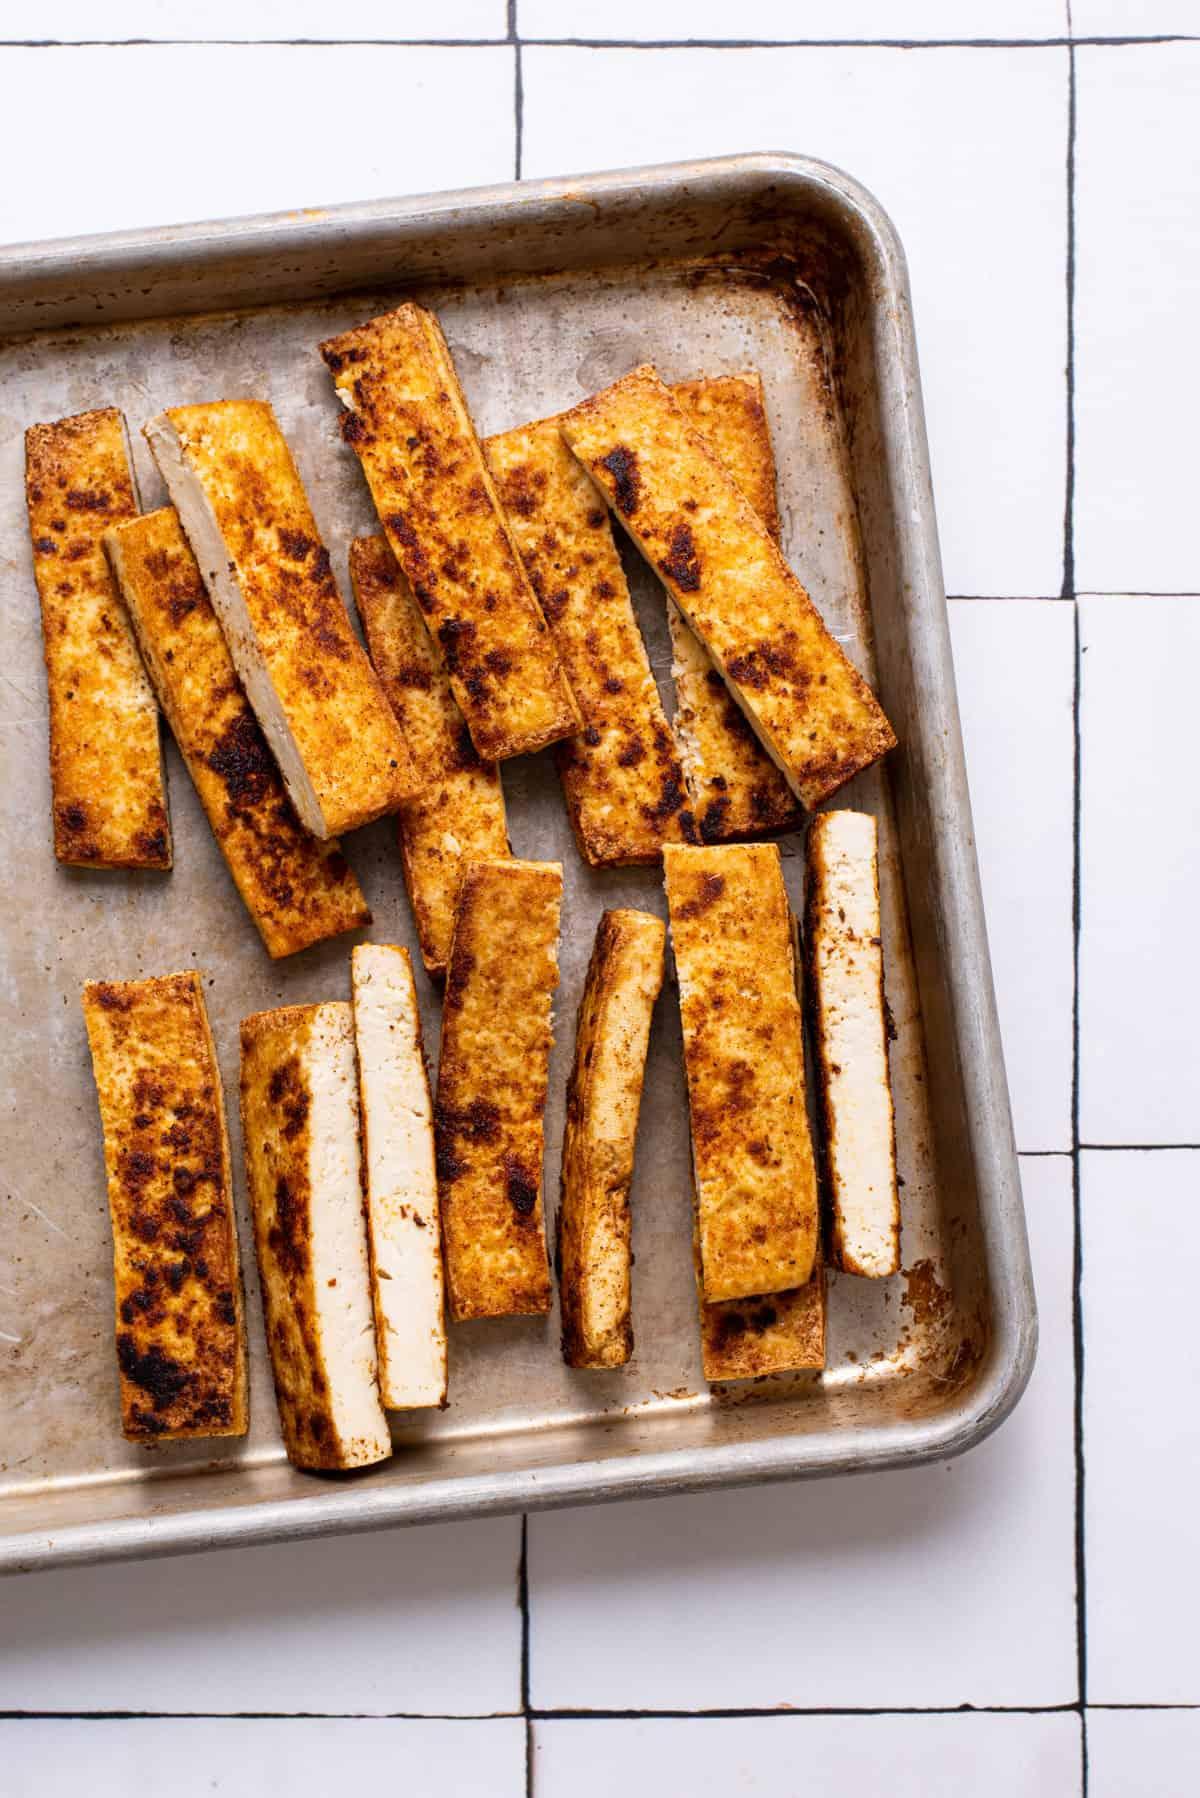 Seared spiced tofu, cut into batons.